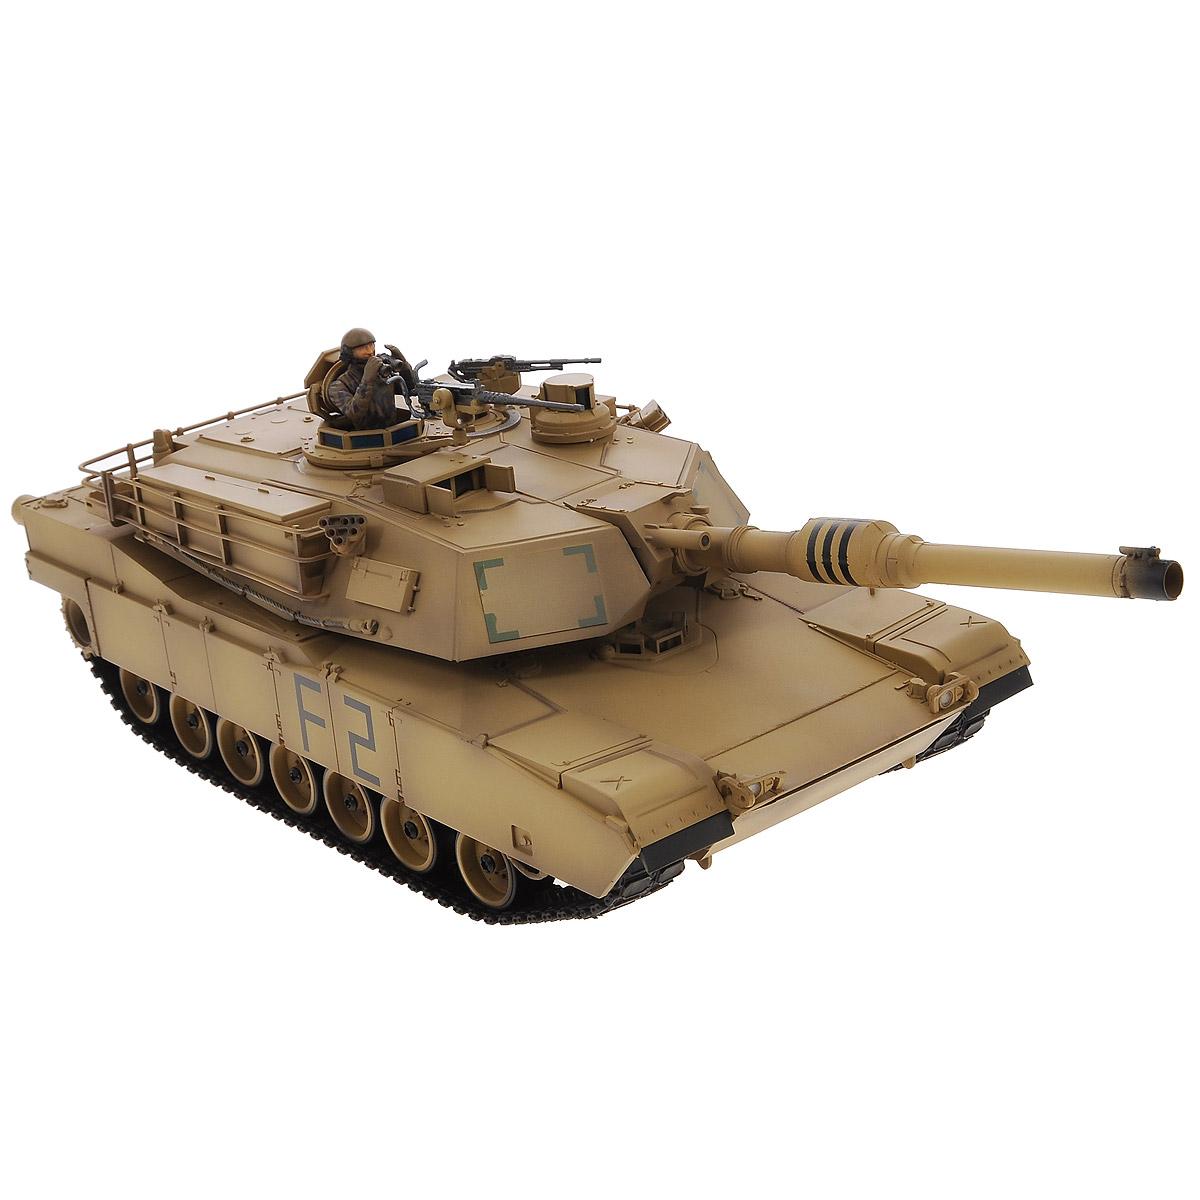 """Радиоуправляемый танк VSP """"US M1A2 Abrams"""" - это реалистичная коллекционная модель в масштабе 1/24. Она представляет собой уменьшенную копию американского основного танка, известного как """"M1 Абрамс"""". Эта модель серийно выпускается с 1980 года и стоит на вооружении армии и морской пехоты различных стран (США, Саудовская Аравия, Кувейт, Австралия). Пульт управления работает на частоте 2,4 ГГц и оснащен светодиодной подсветкой голубого цвета. Система Airsoft обеспечивает постоянное движение танка и стрельбу из пневматической пушки. Данная модель может стрелять мягкими (пневматическими) BB шариками, поэтому имеет возрастное ограничение от 14 лет. Благодаря работе на частоте 2,4 ГГц танк будет легко сопрягаться с пультом управления. Новые электронные схемы, примененные в этом пульте, позволяют принимать участие в игровых сражениях одновременно 16 танкам. Радиус управления заметно увеличился и составляет 40-50 метров на улице и 25-30 метров внутри ..."""